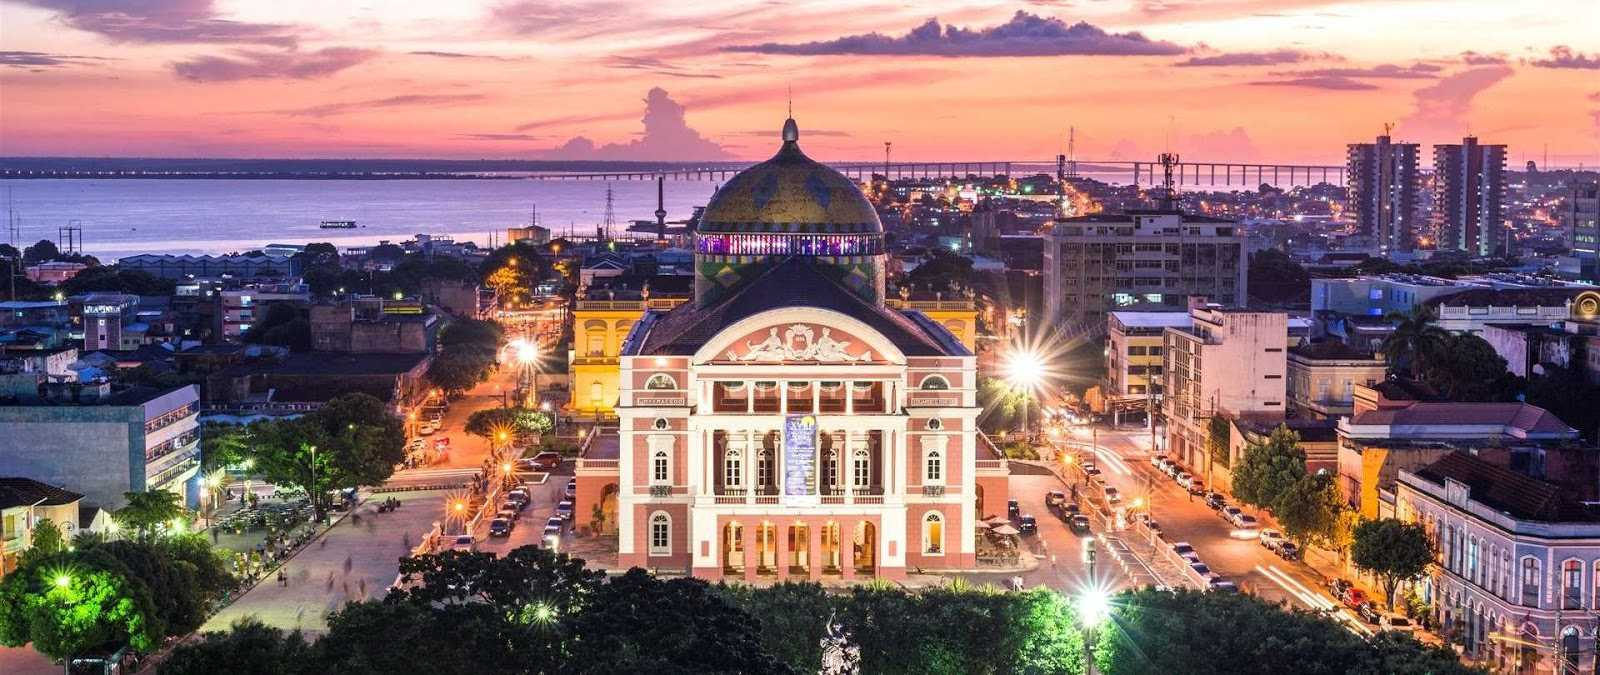 O Teatro Amazonas foi um dos vencedores do prêmio Travelers' Choice Atrações, sendo assim considerado um dos pontos turísticos mais bem avaliados do Brasil pelo TripAdvisor, o mais importante site de viagens do mundo. / Foto : Divulgação